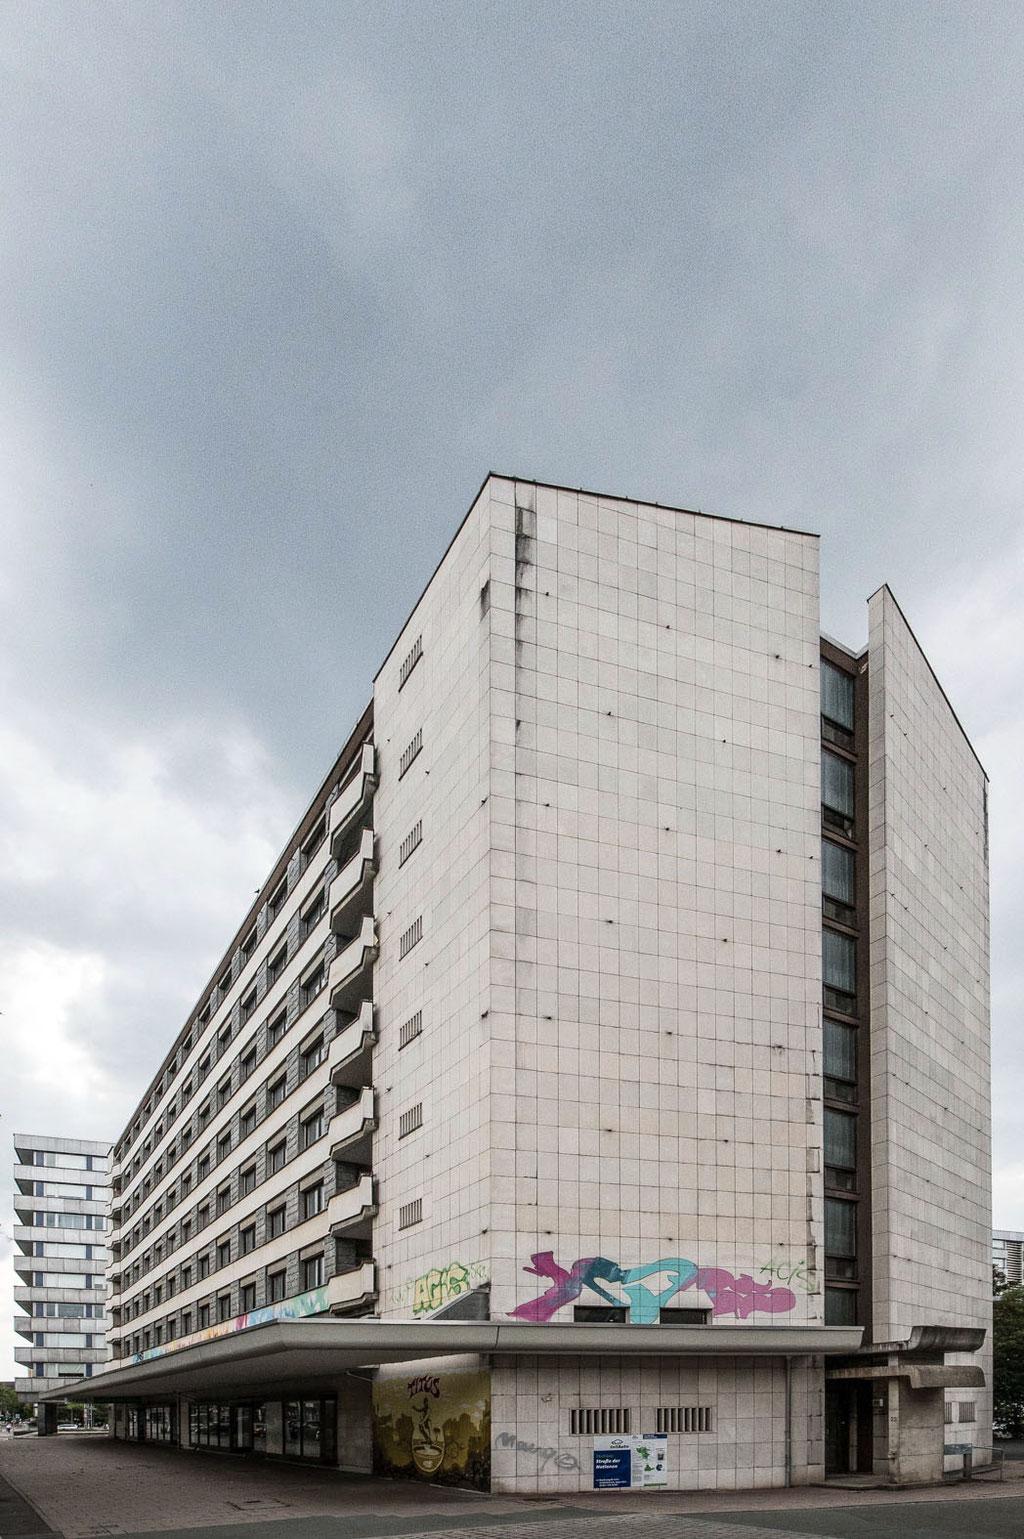 Wohn- und Geschäftshaus, Straße der Nationen, Chemnitz (D)